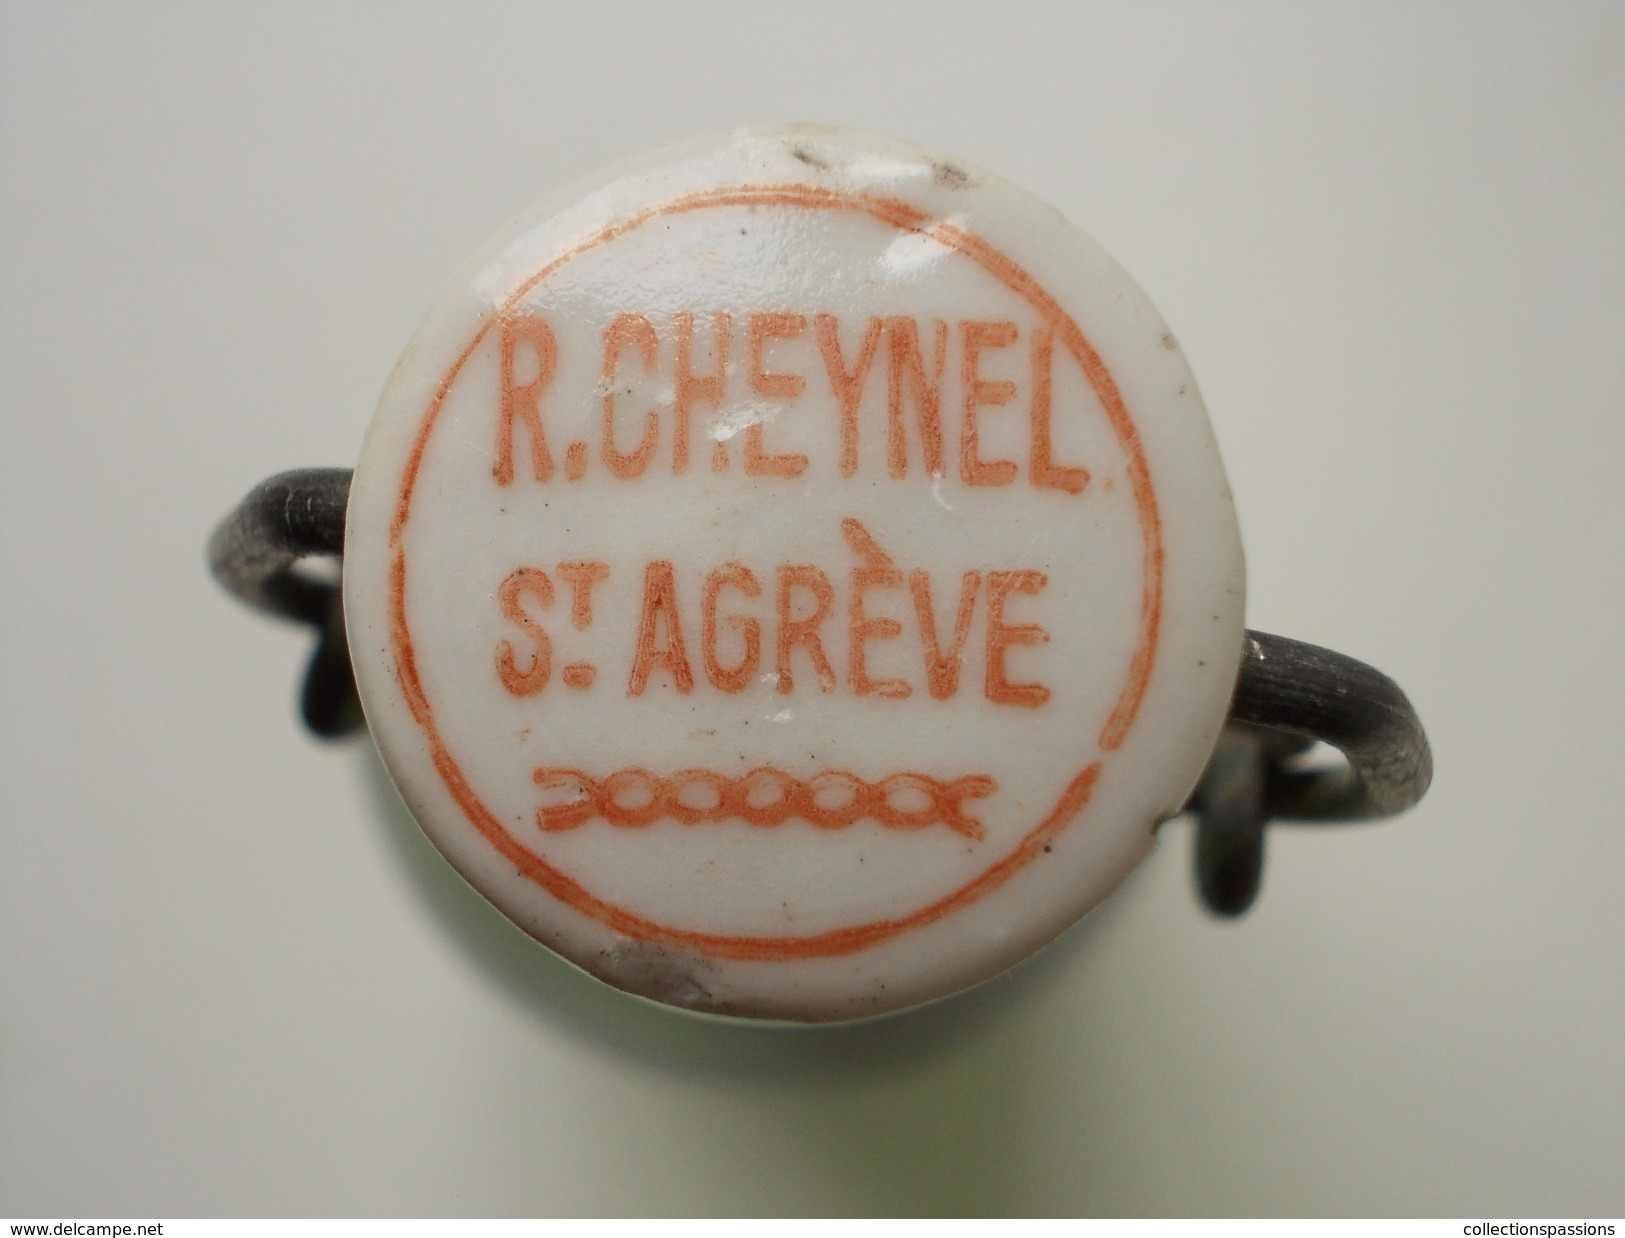 - RARE - Ancienne Bouteille. Limonade R. CHEYNEL - St Agrève - - Autres Bouteilles